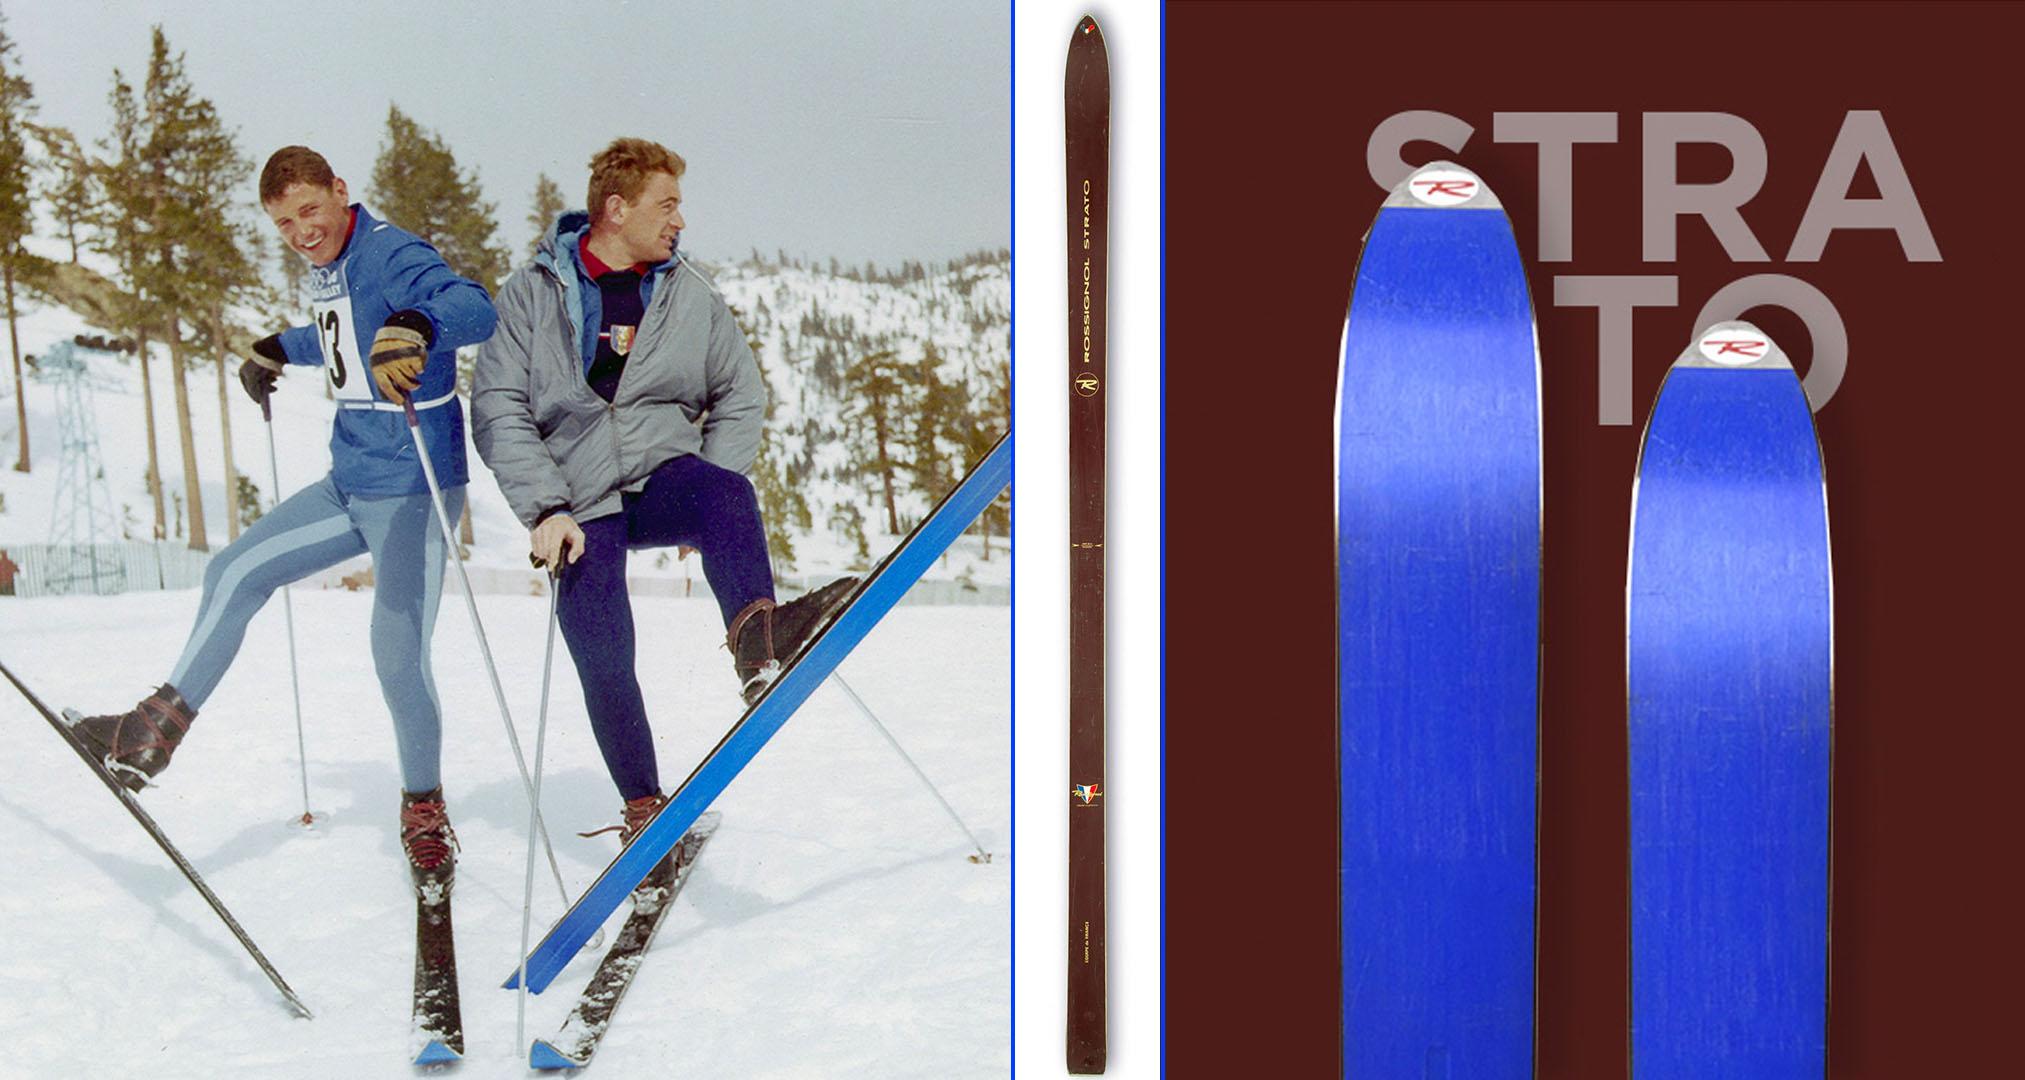 Esquí Strato de suela azul